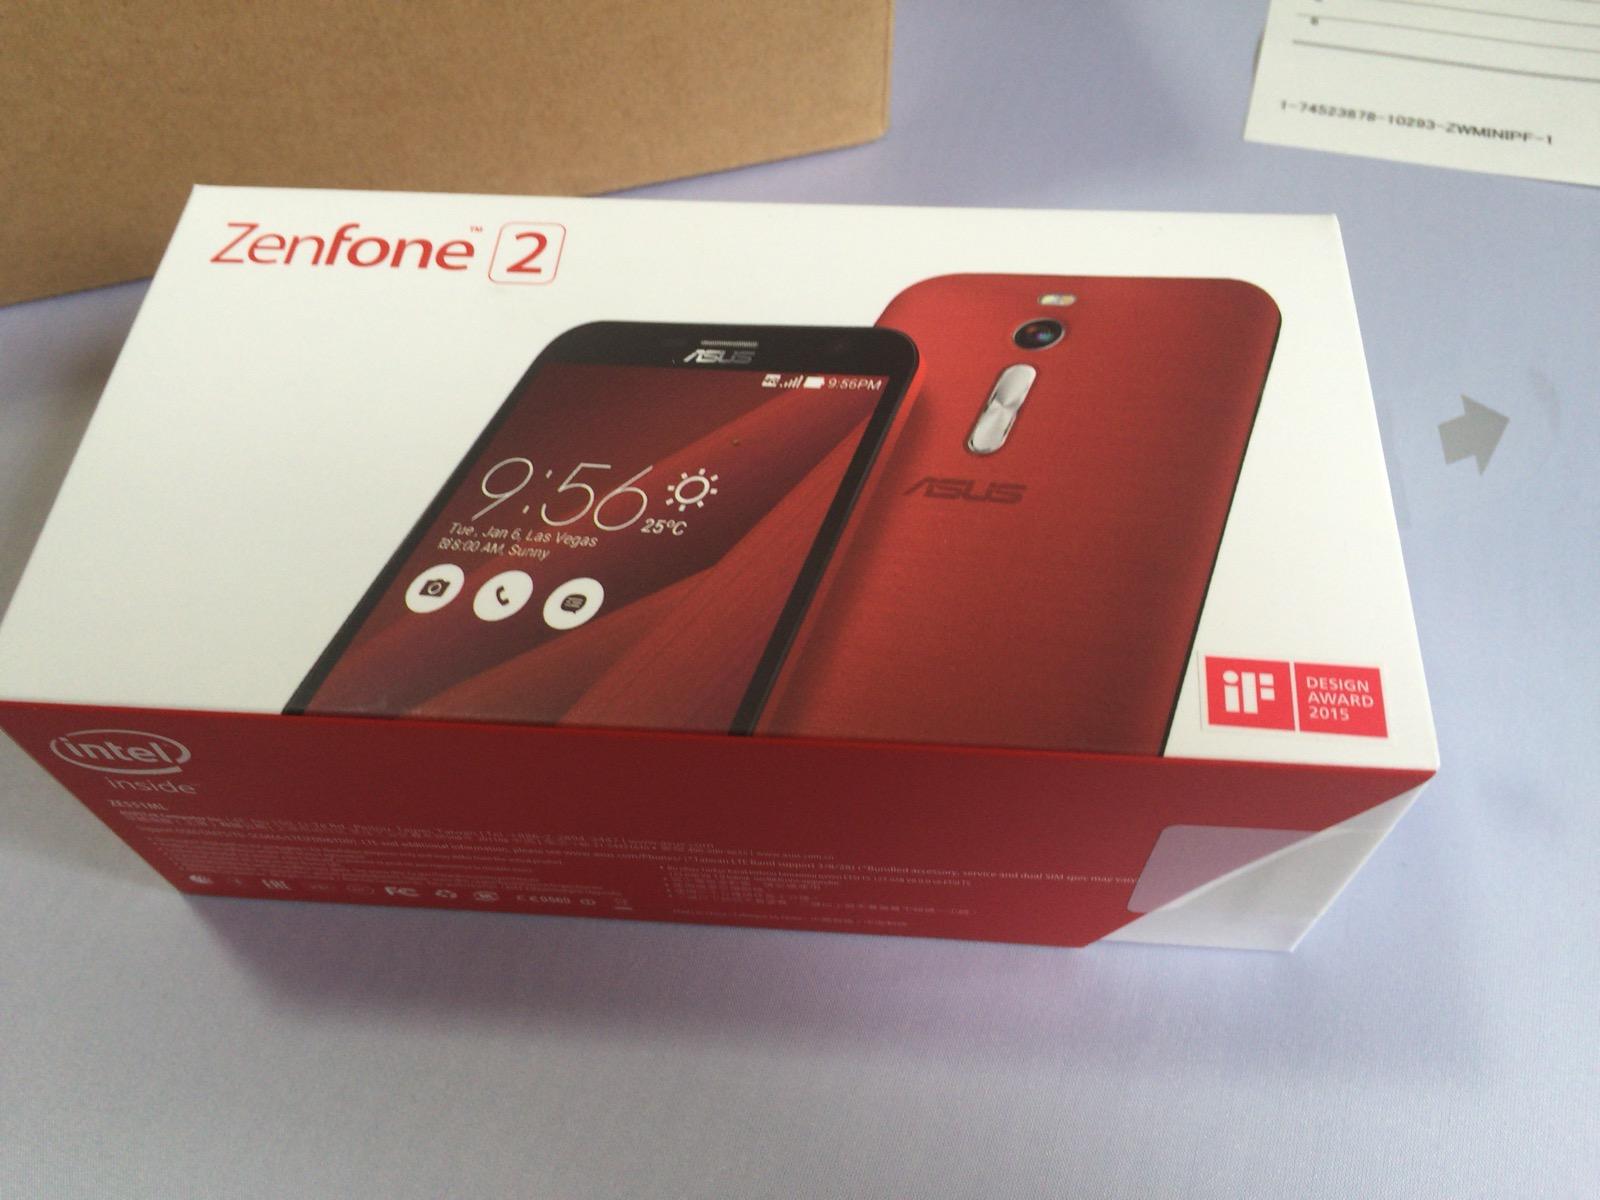 Zenfone 2の箱の見た目